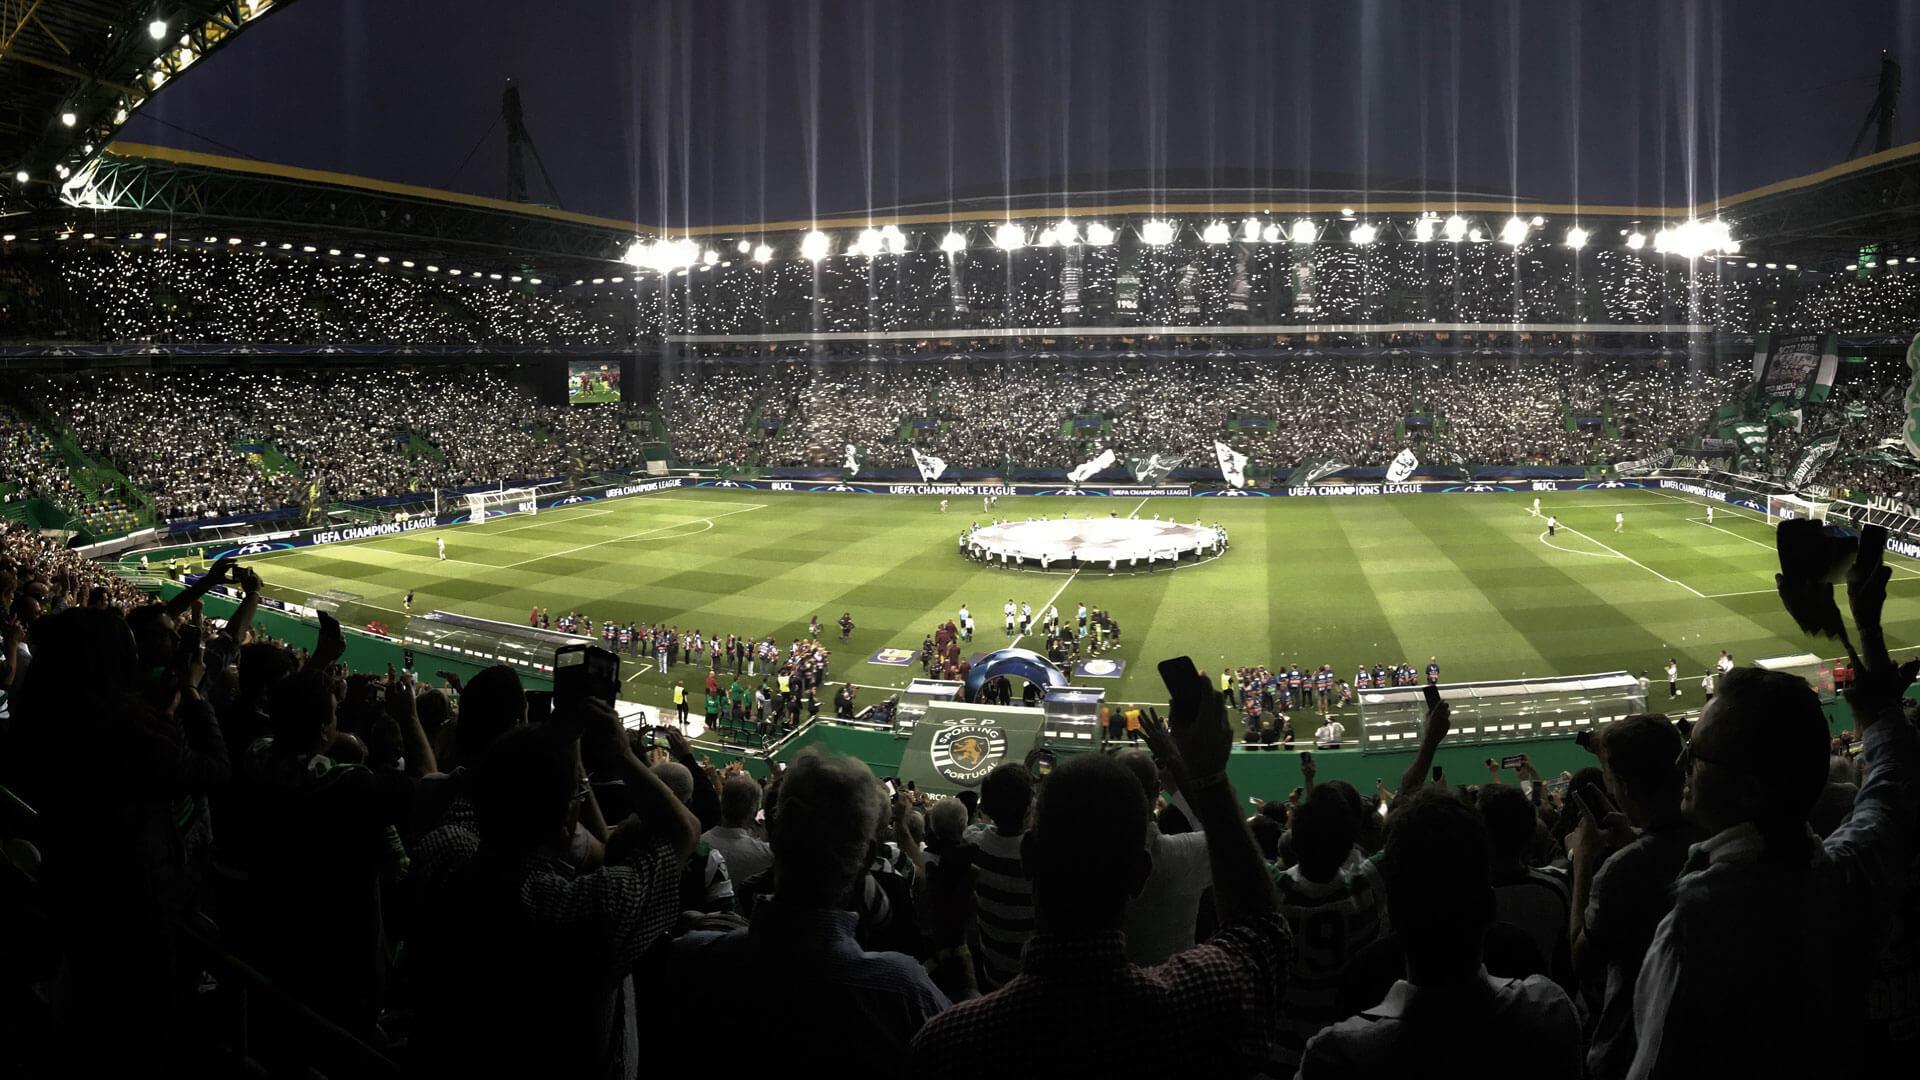 2018/19シーズン優先購入枠アウェイチケット